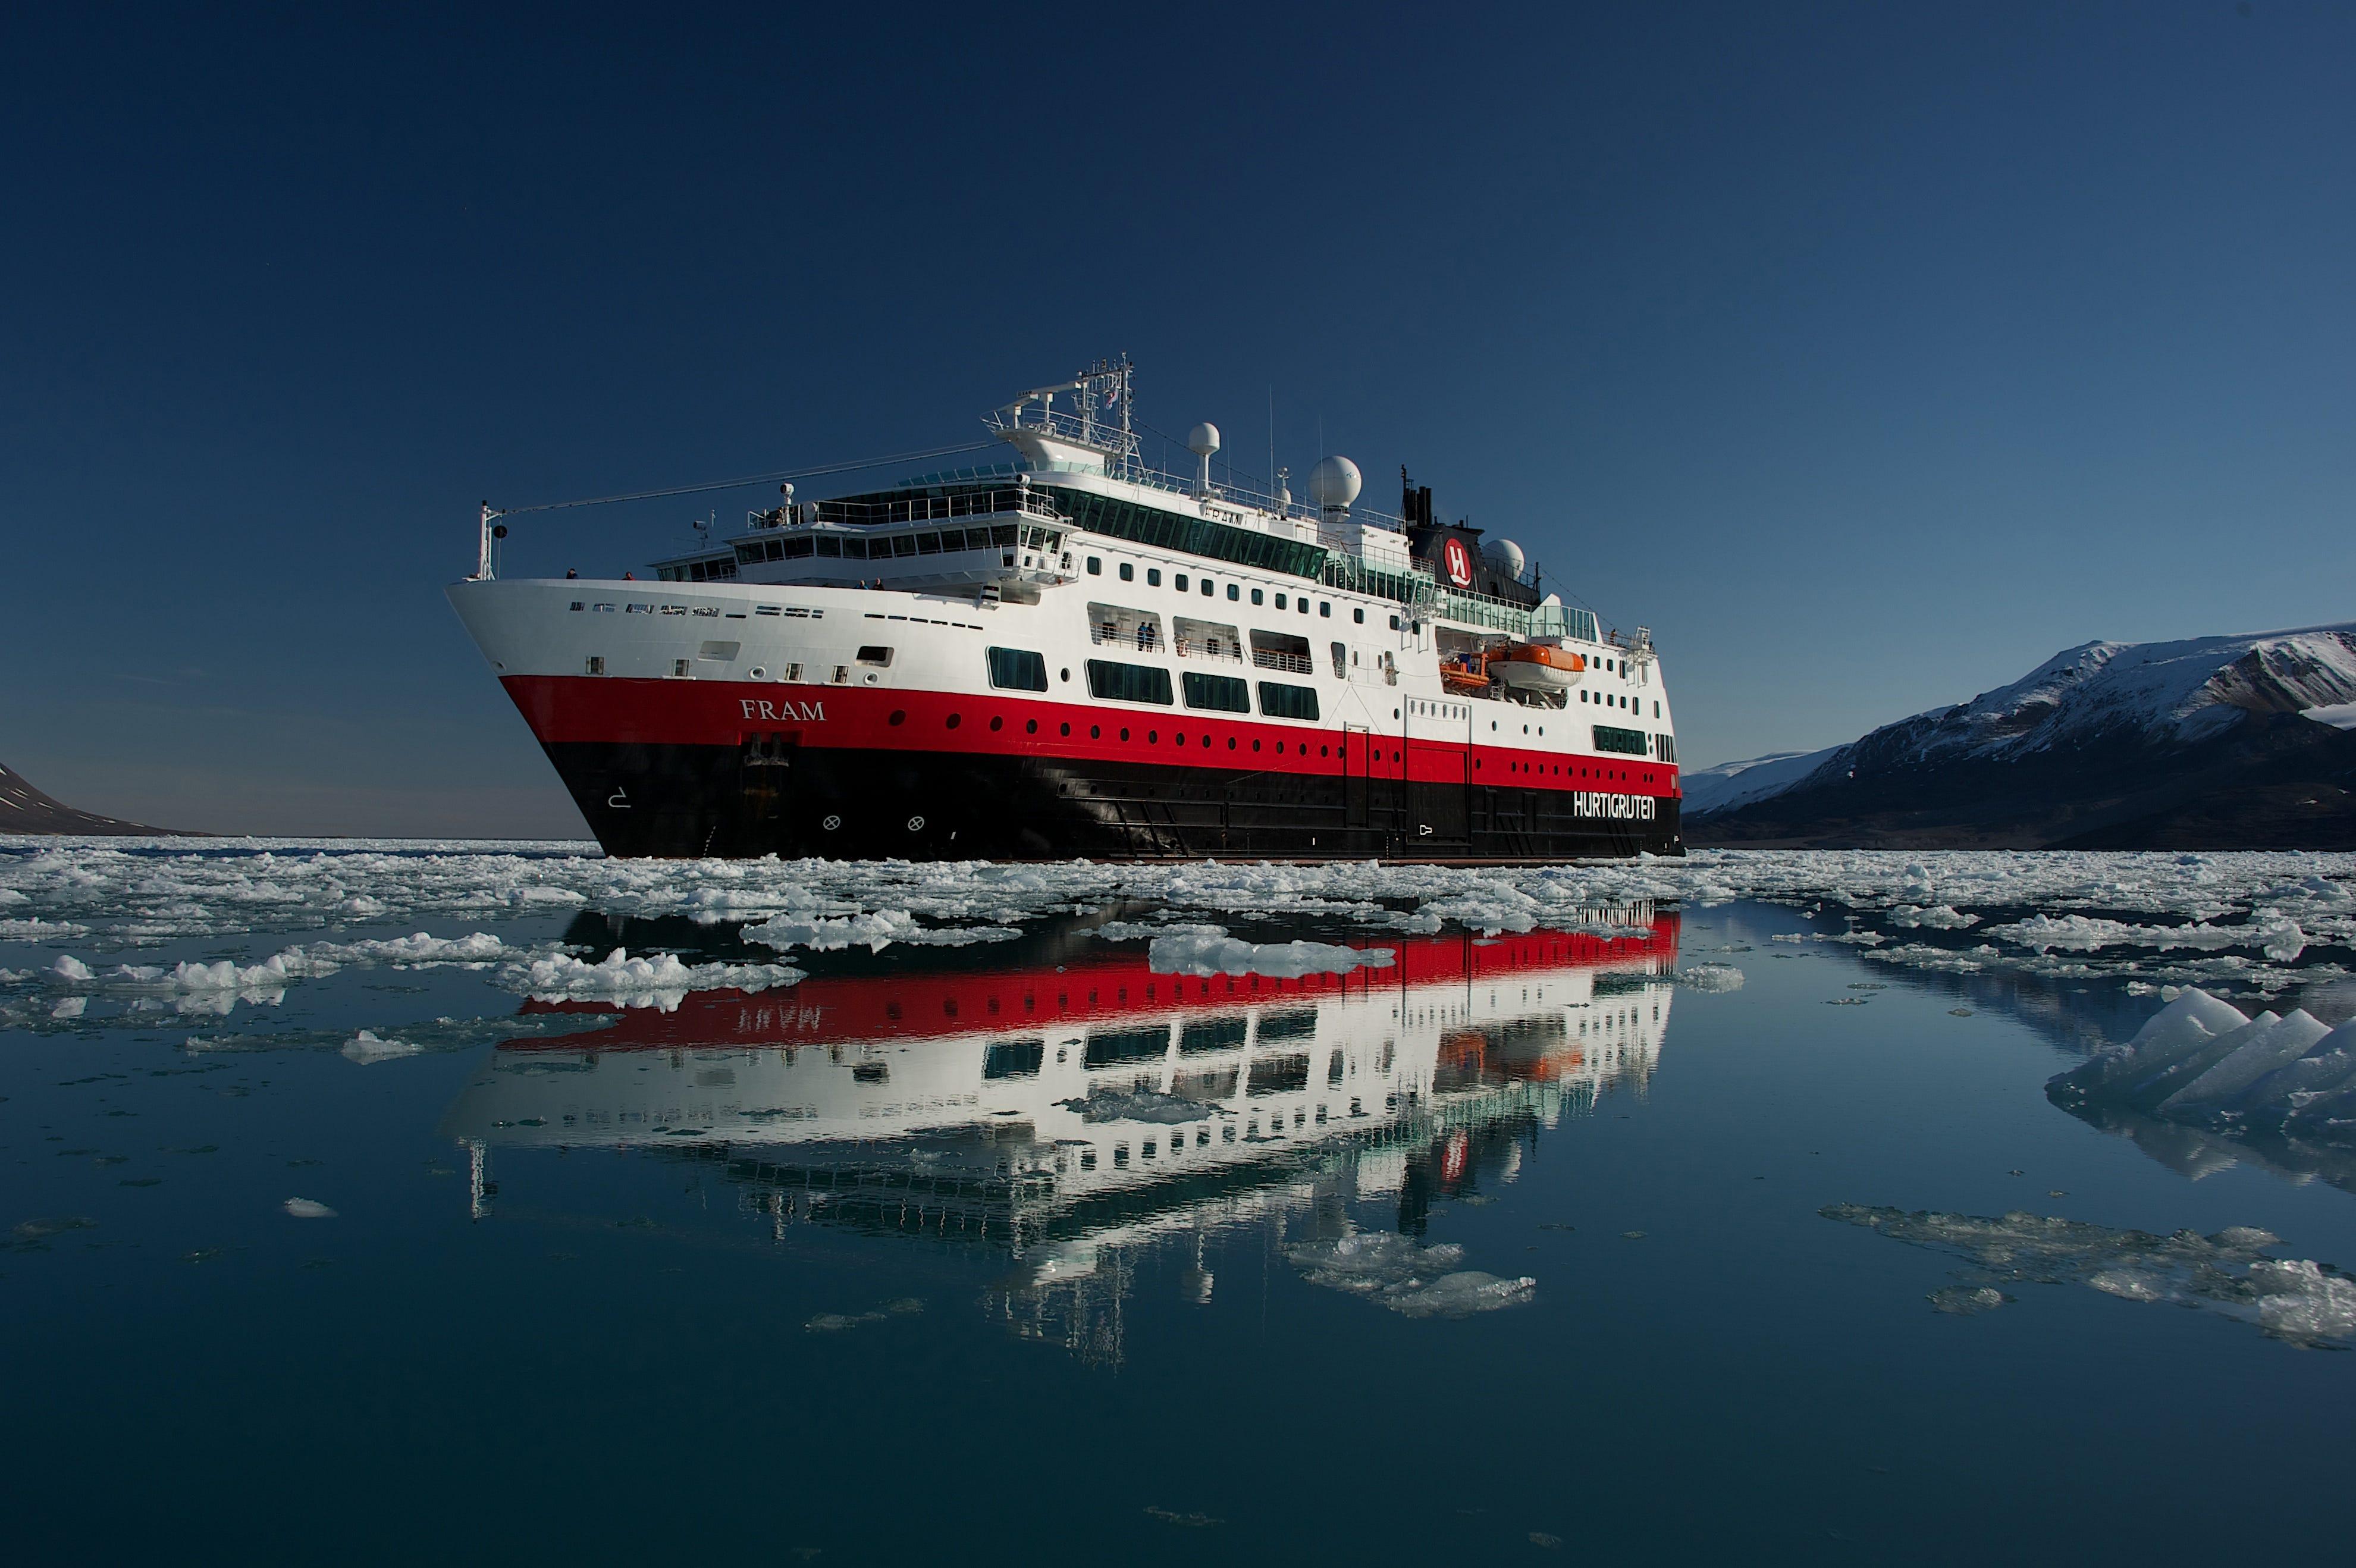 Αποτέλεσμα εικόνας για Hurtigruten expedition cruise in East Coast